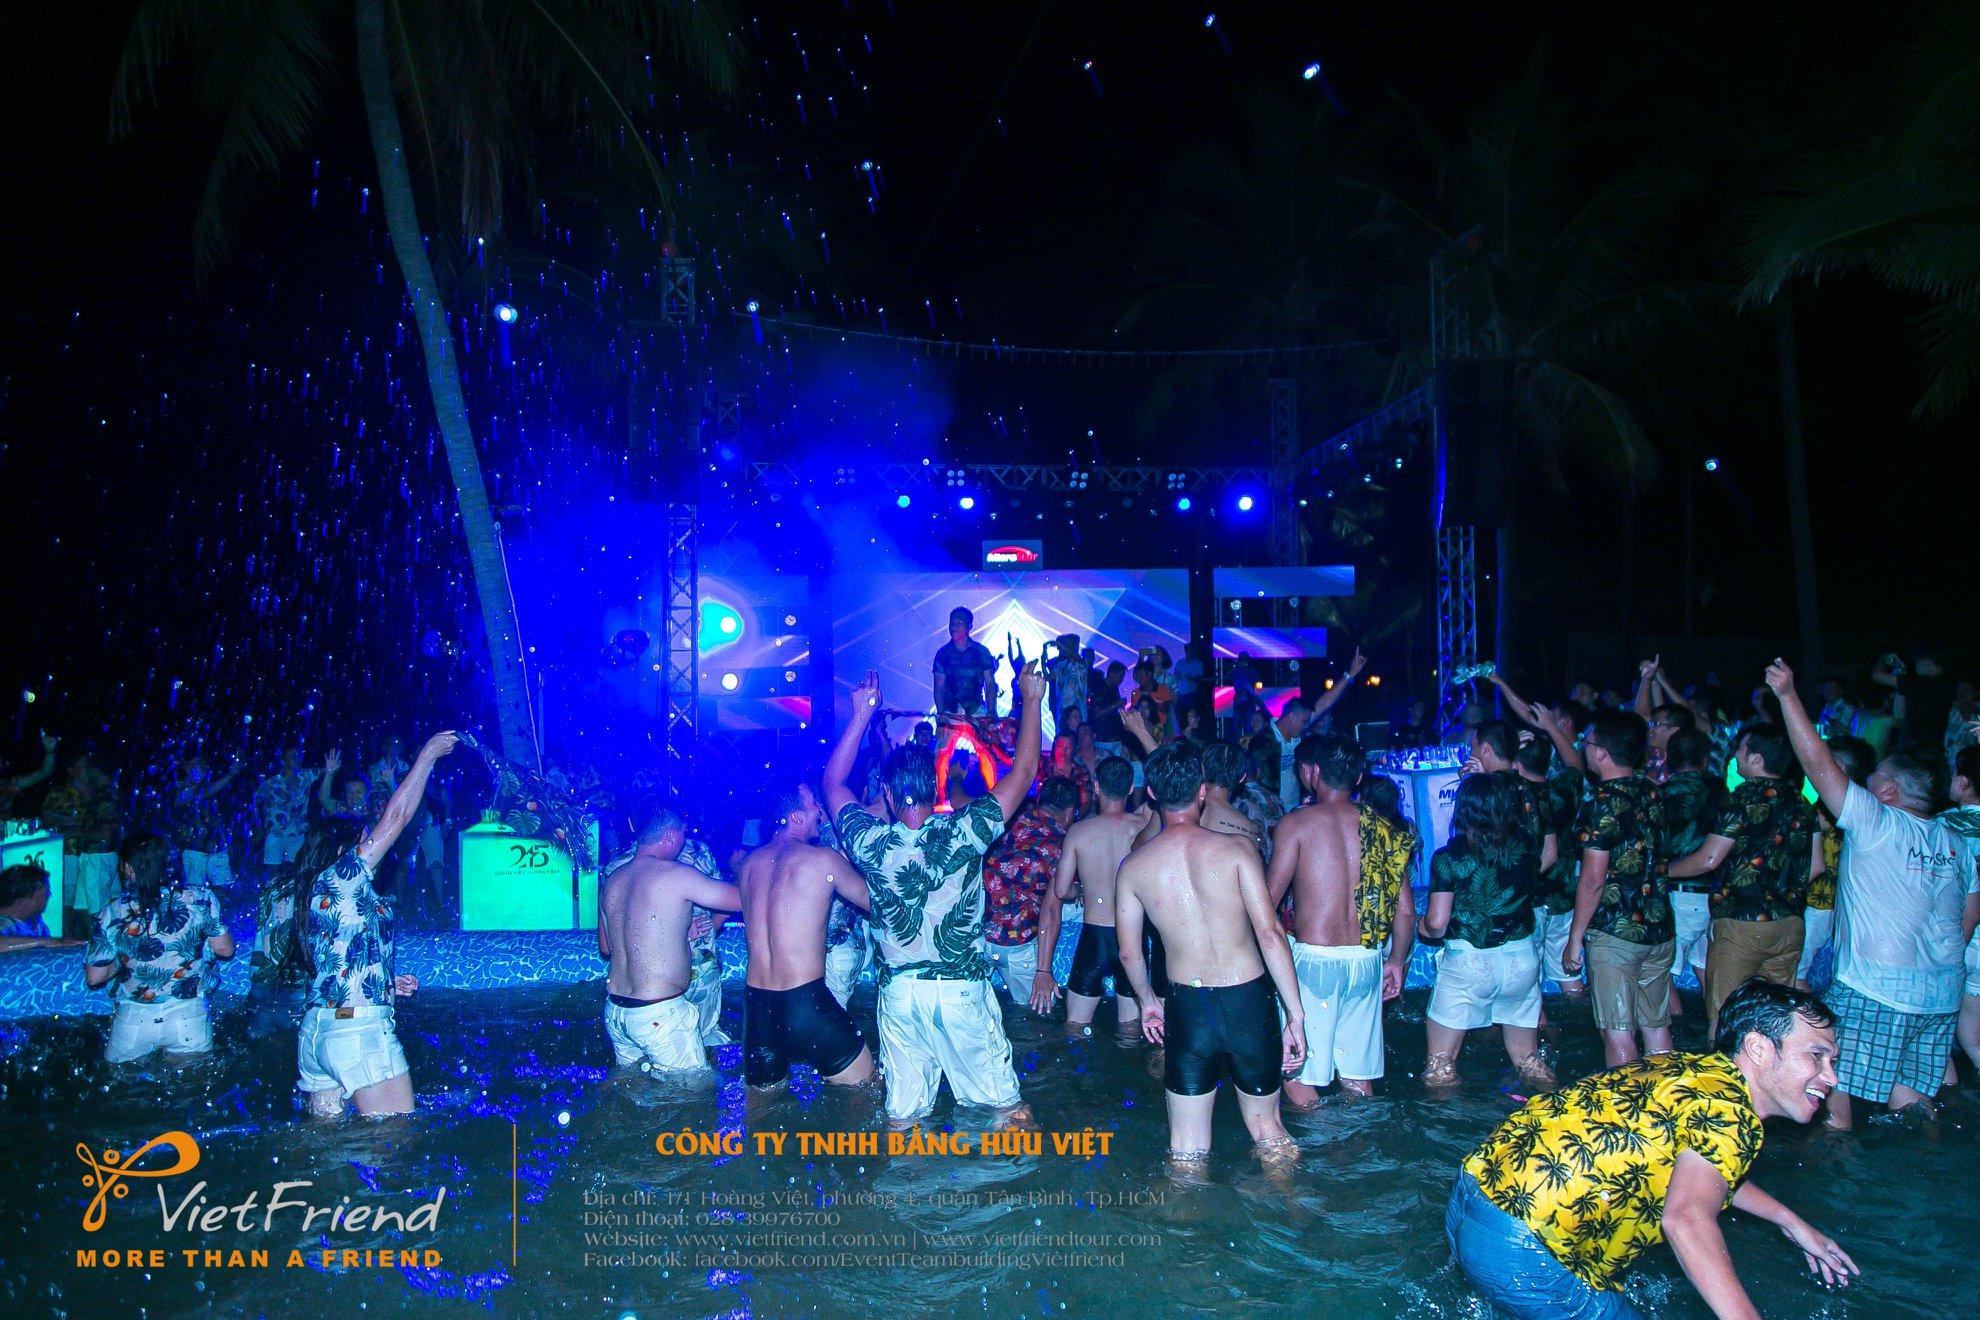 Bùng nổ cảm xúc với tiệc hồ bơi Year end party